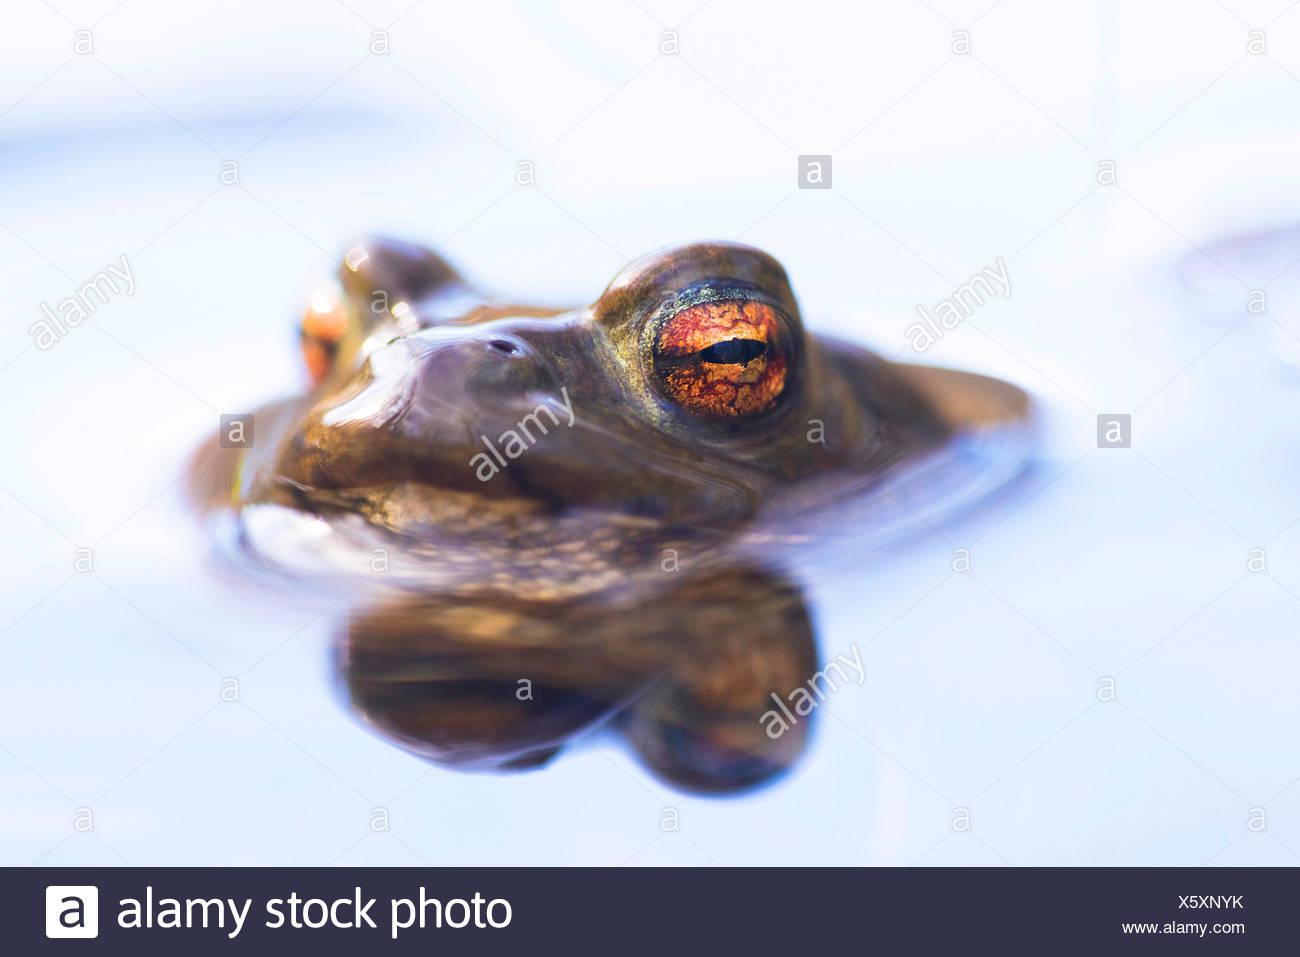 Erdkroete, Erd-Kroete (Bufo bufo), schaut aus dem Wasser, Norwegen   European common toad (Bufo bufo), at water surface, Norway  Stock Photo